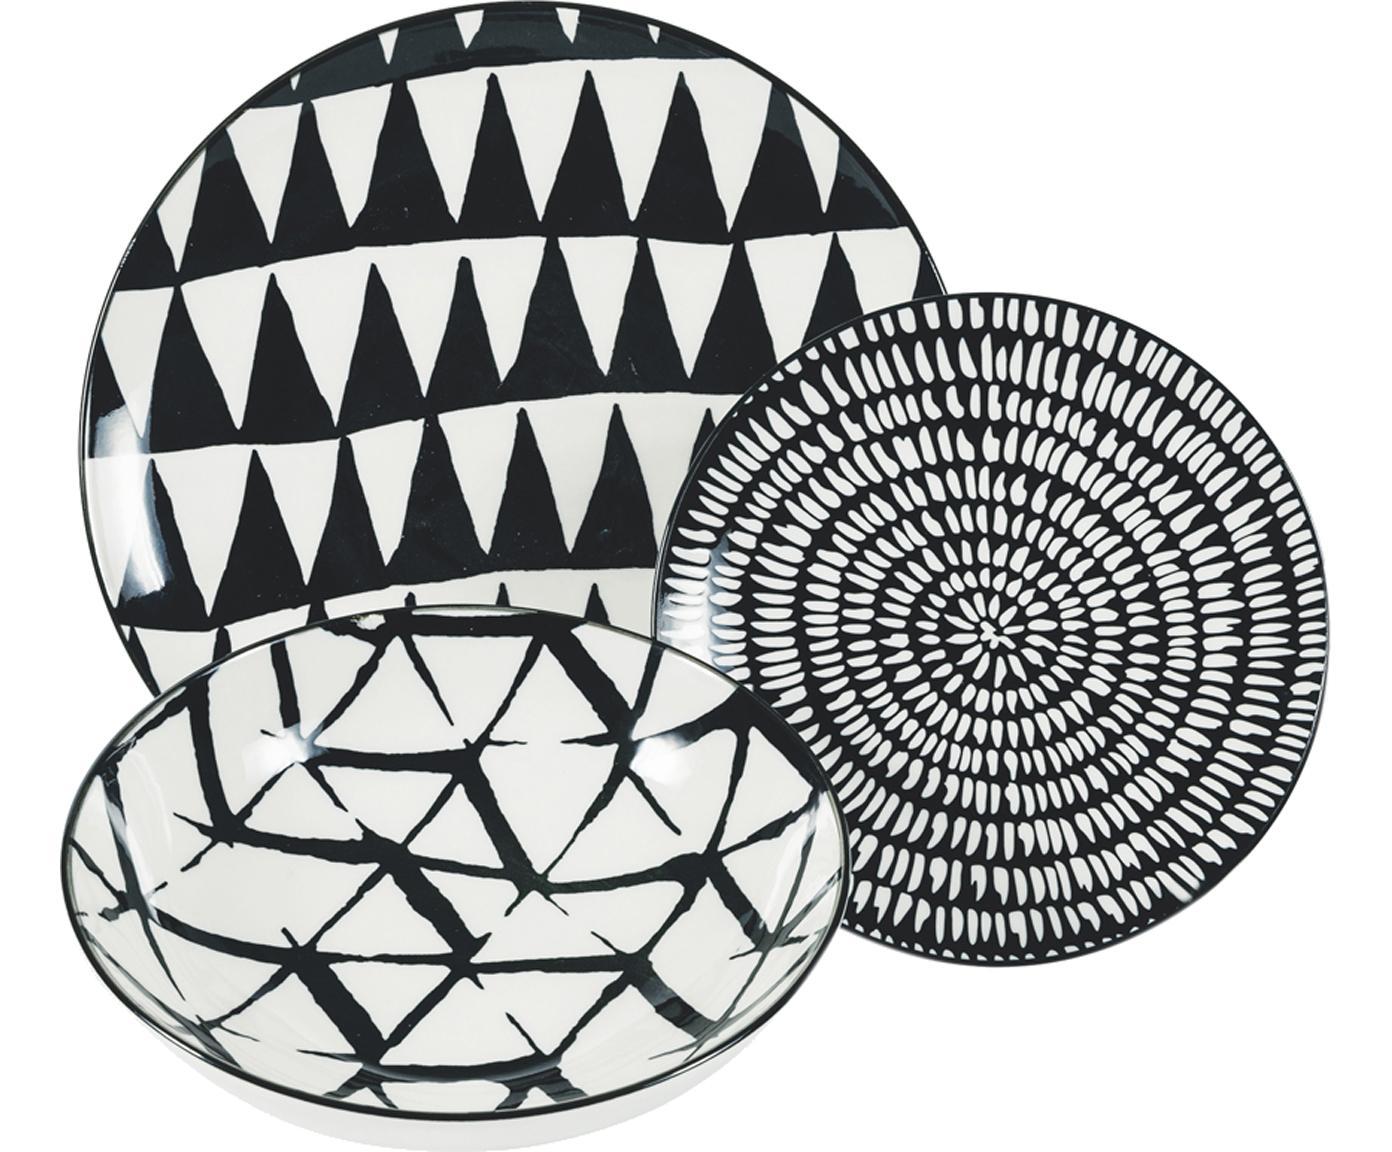 Komplet naczyń  Mokala, 18 elem., Porcelana, Czarny, biały, Różne rozmiary